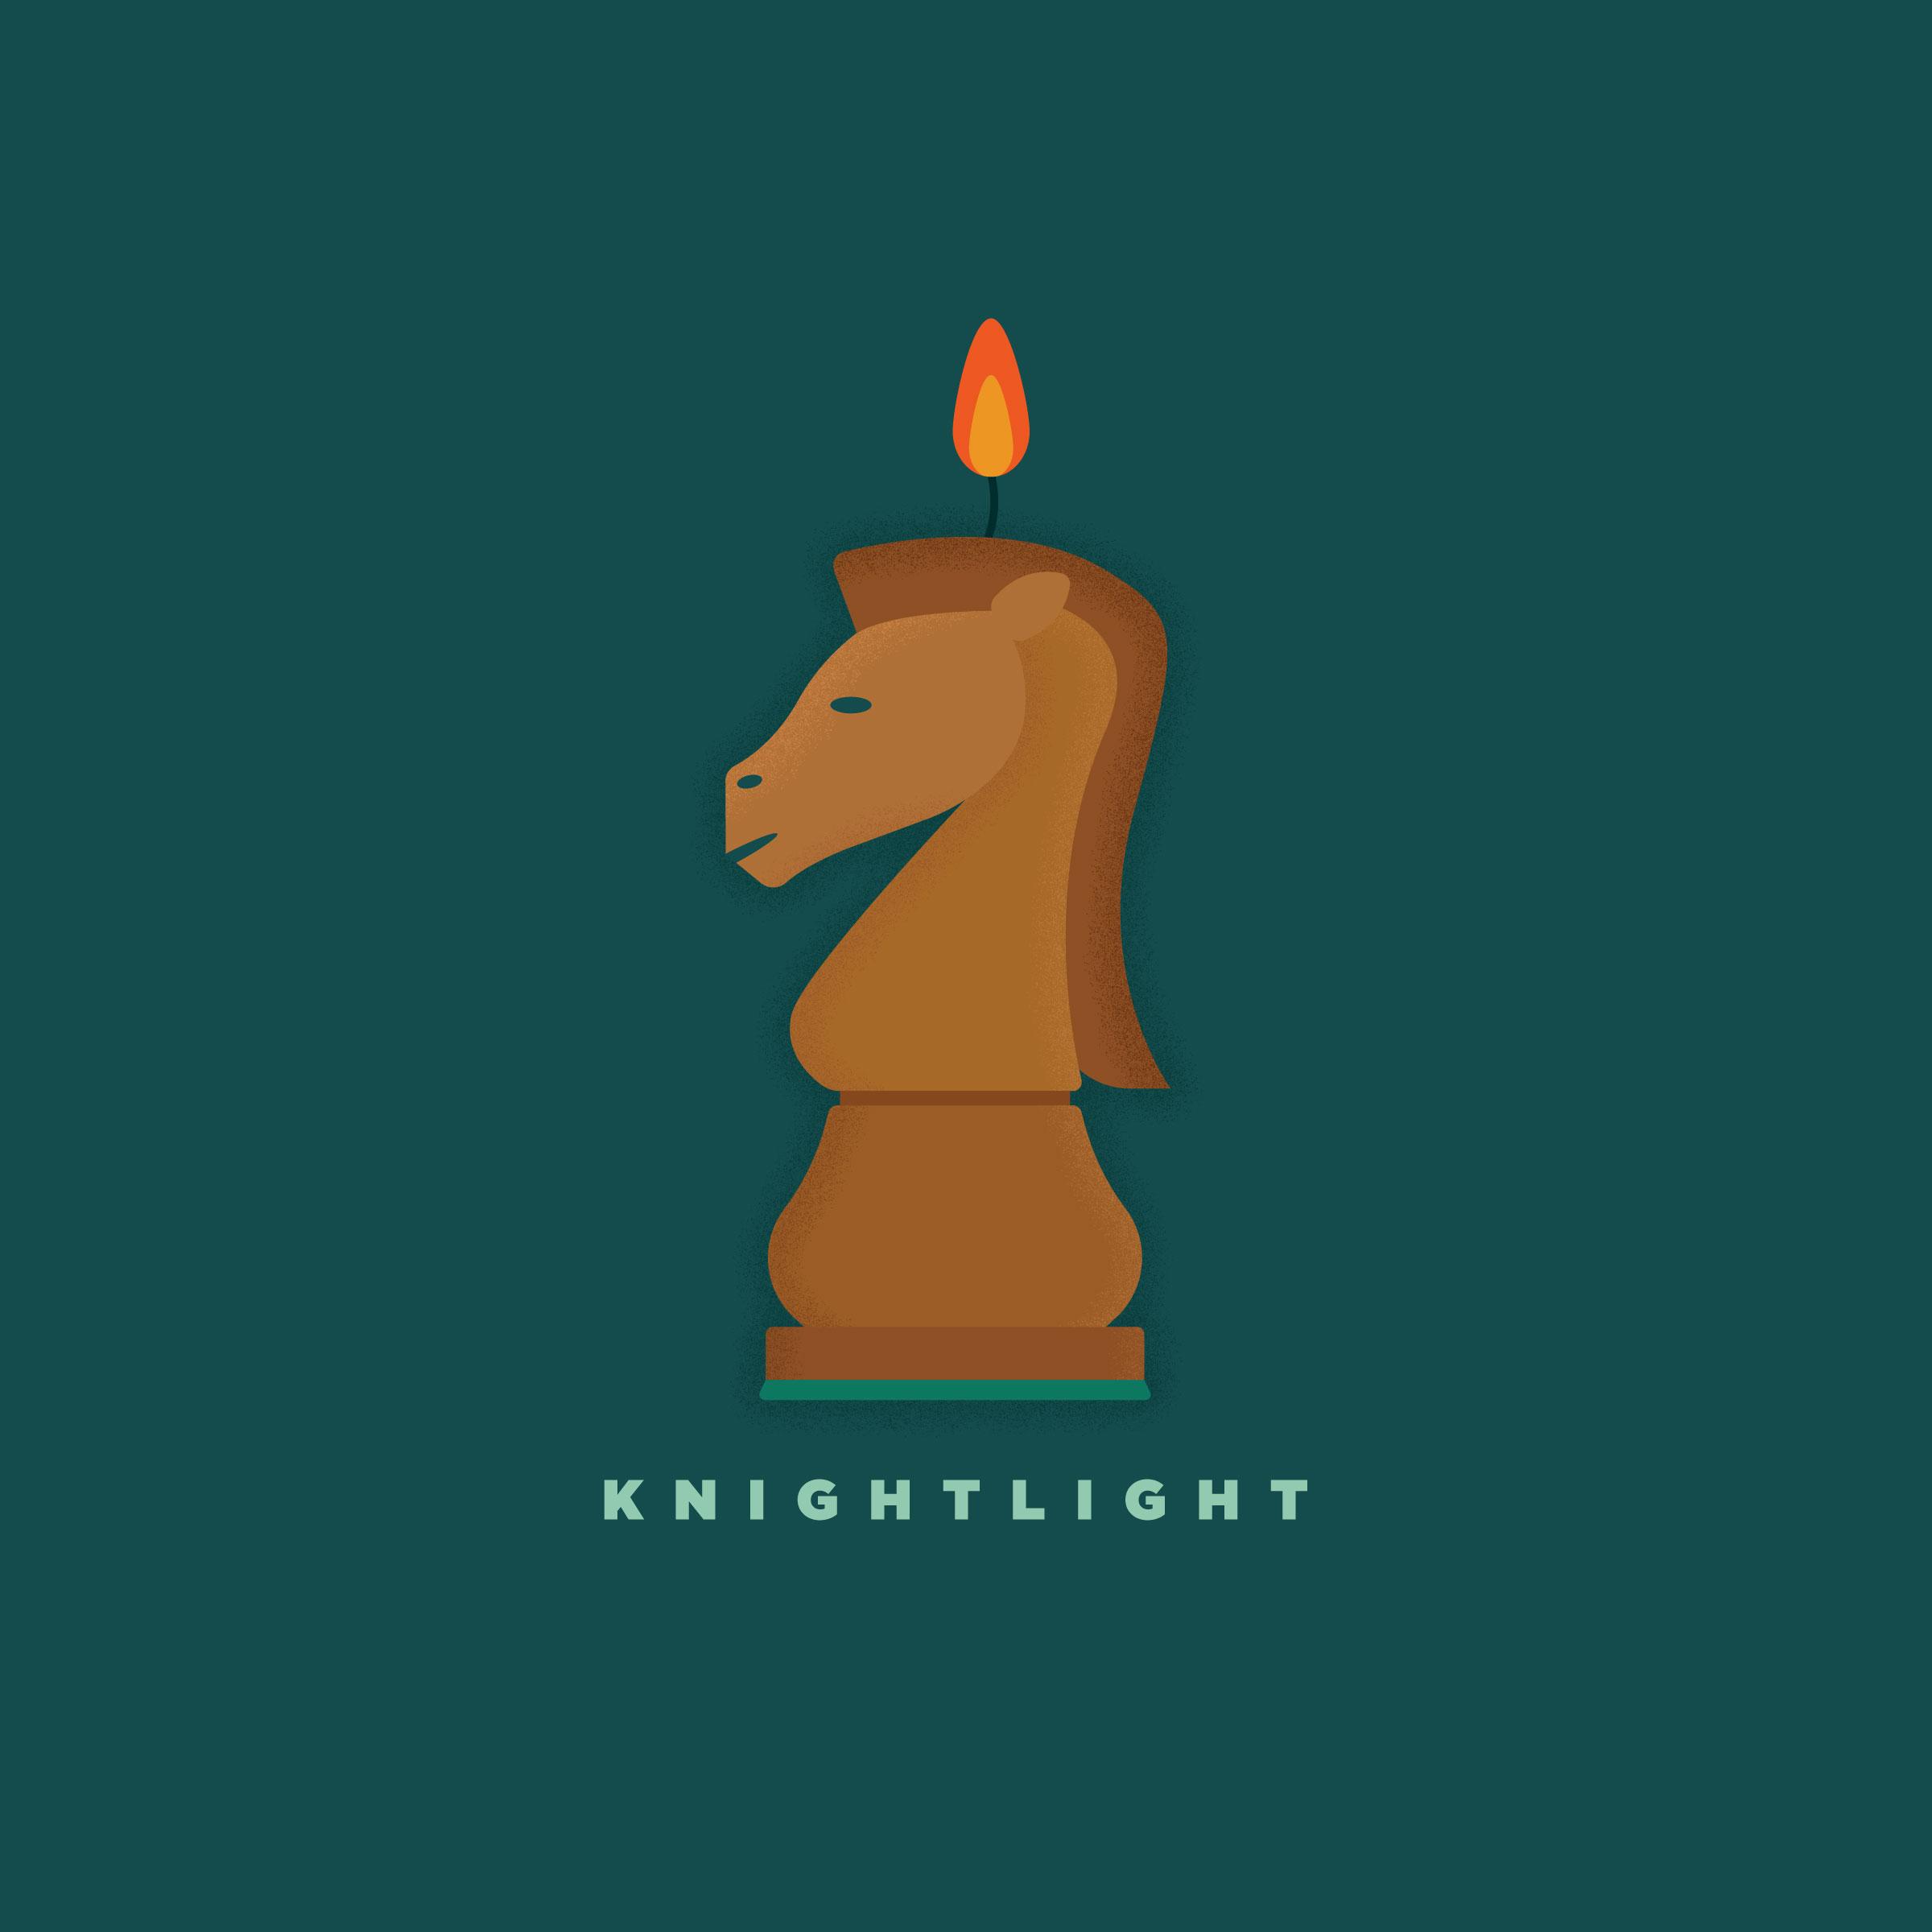 knightlight_artwork.jpg